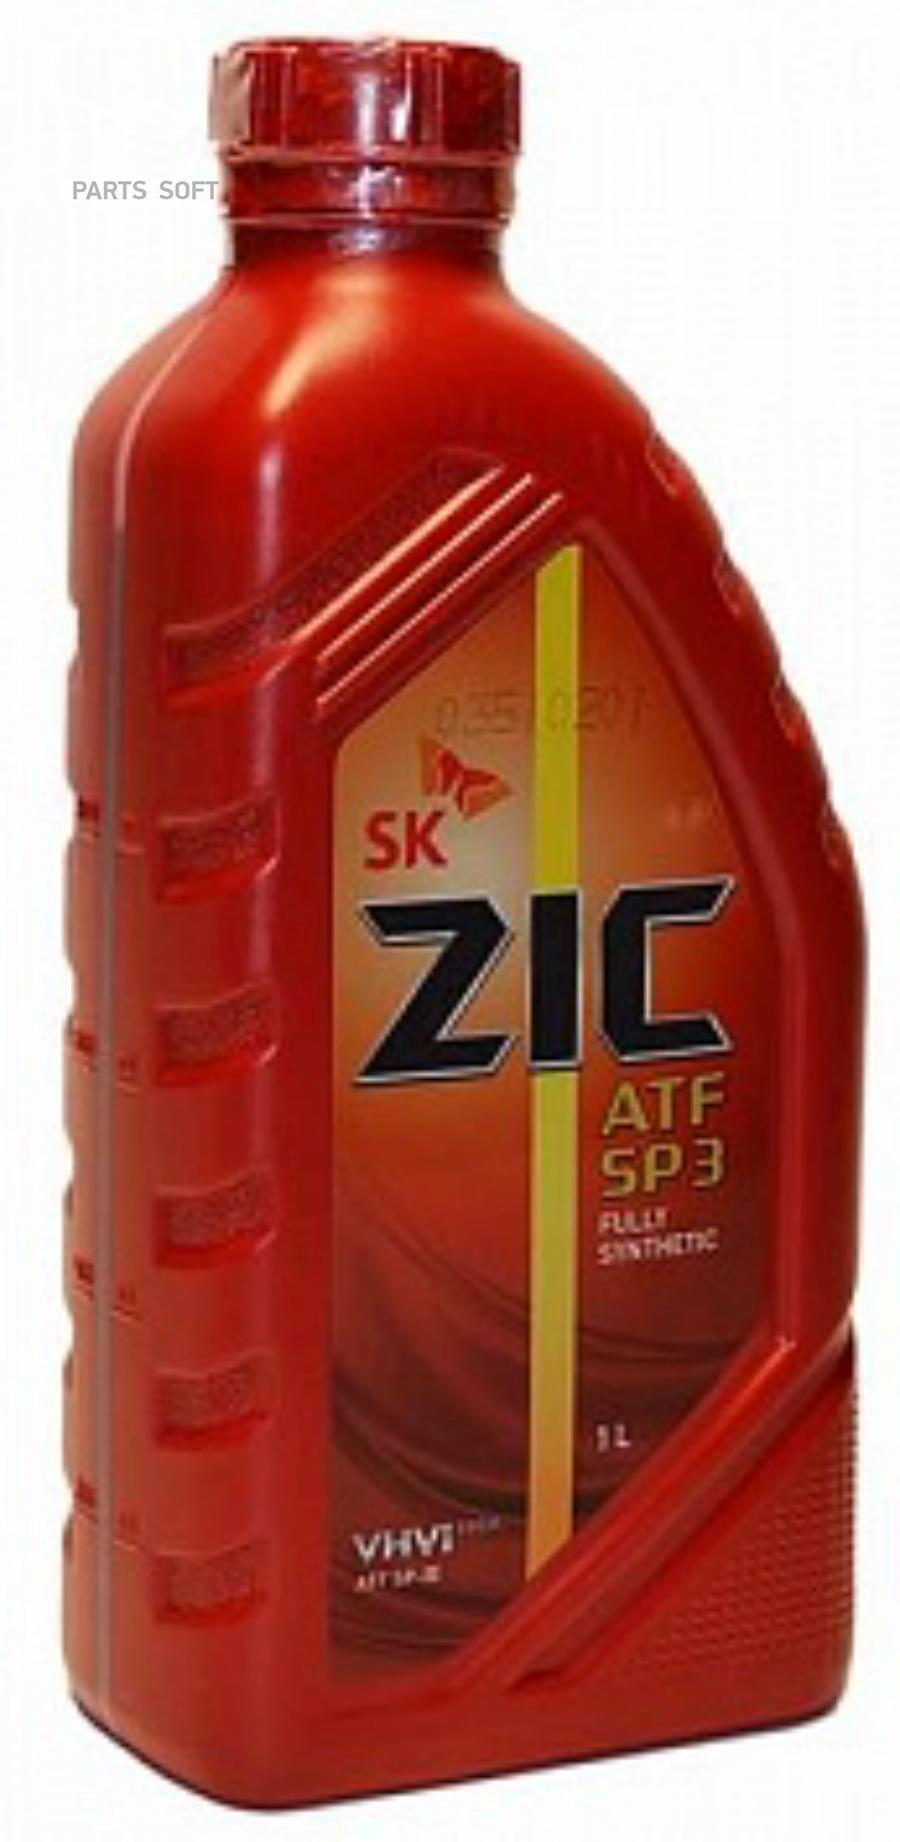 Масло трансмиссионное синтетическое ATF SP 3, 1л